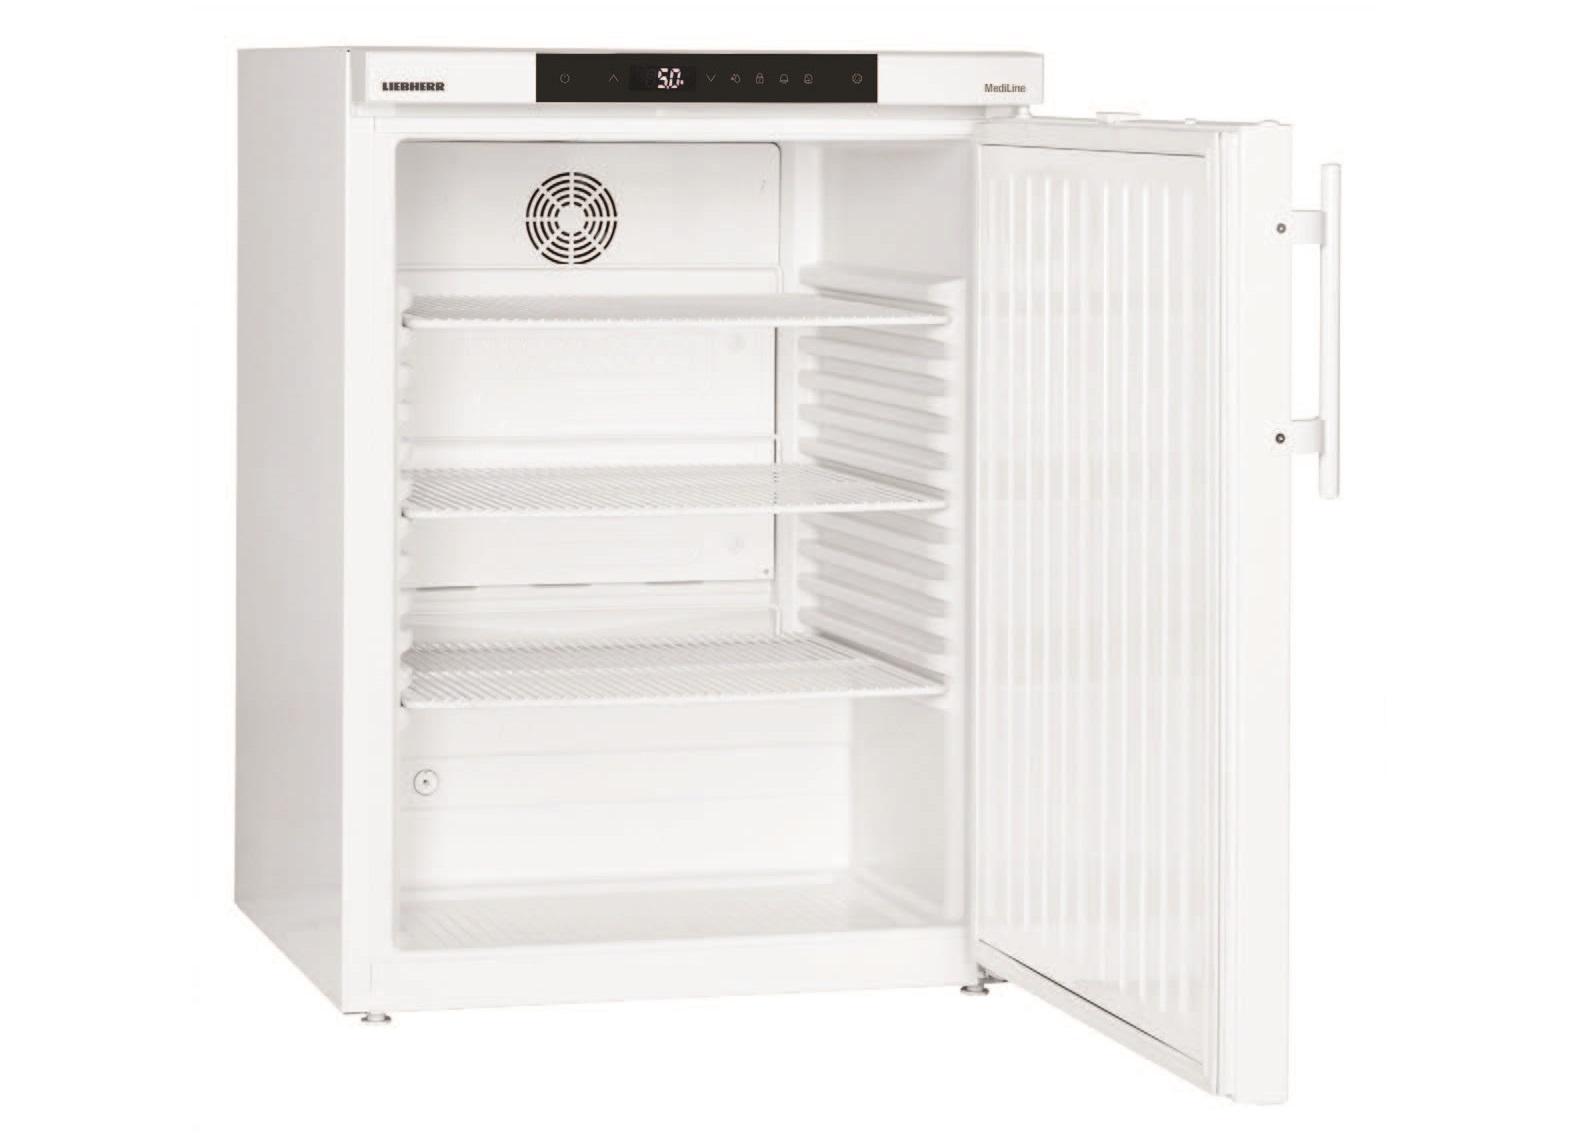 Лабораторный холодильный шкаф Liebherr LKUv 1610 купить украина